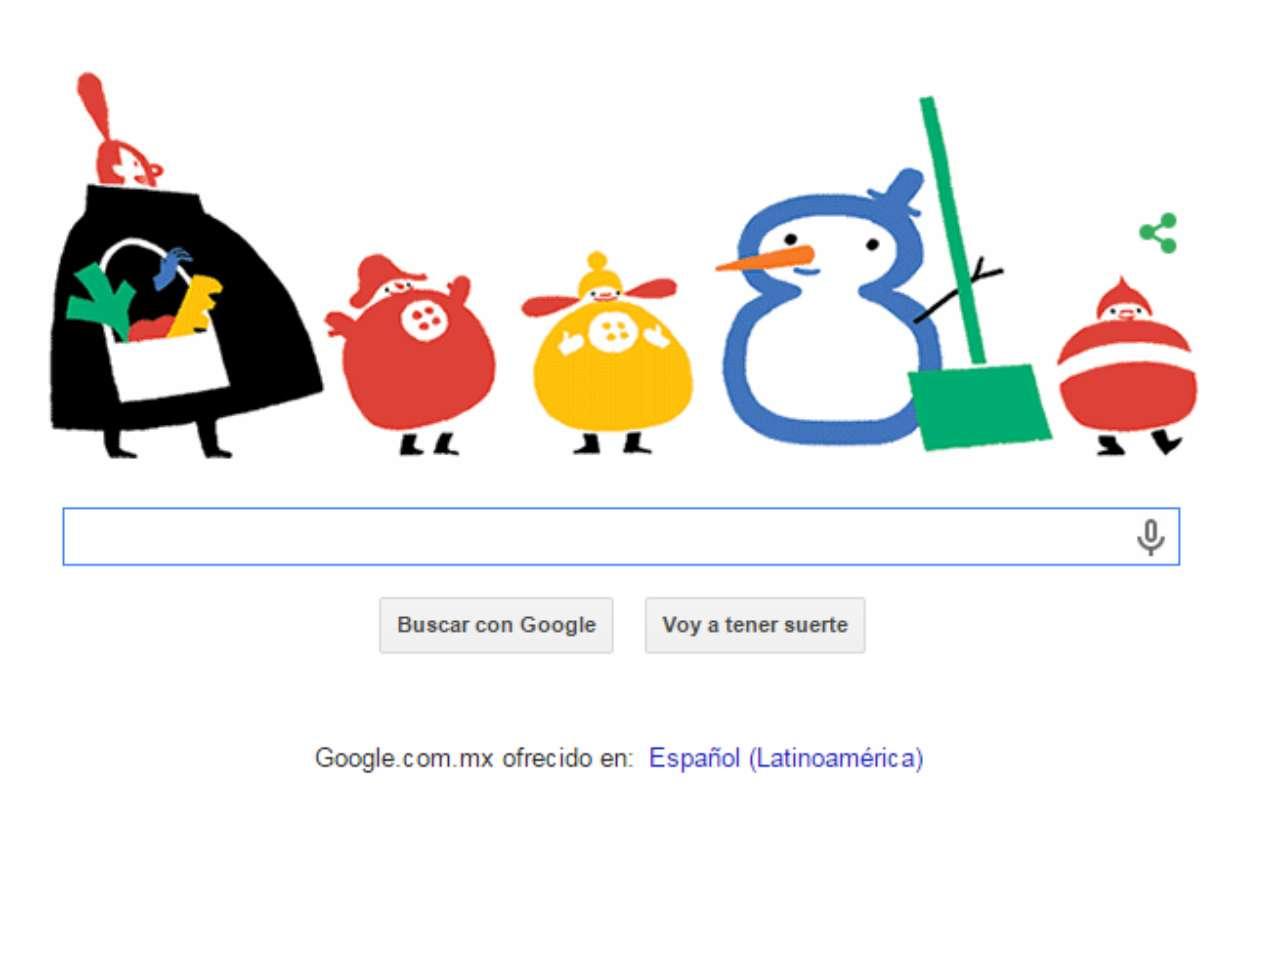 """El Doodle interactivo contiene colores y elementos navideños como un muñeco de nieve y un rechoncho Papá Noel o Santa Claus que ayuda a un par de niños, al acercar una pala removedora de nieve color verde y en forma de la letra 'ele' a formar la palabra Google. La escena concluye cuando la letra 'G"""" que toma la figura de regordeta de mujer que lleva una bolsa con vegetales, sede a los niños una zanahoria para que sea colocada en el rostro del muñeco de nieve para que sea su nariz y todos sonrien y festejan. Foto: Google"""